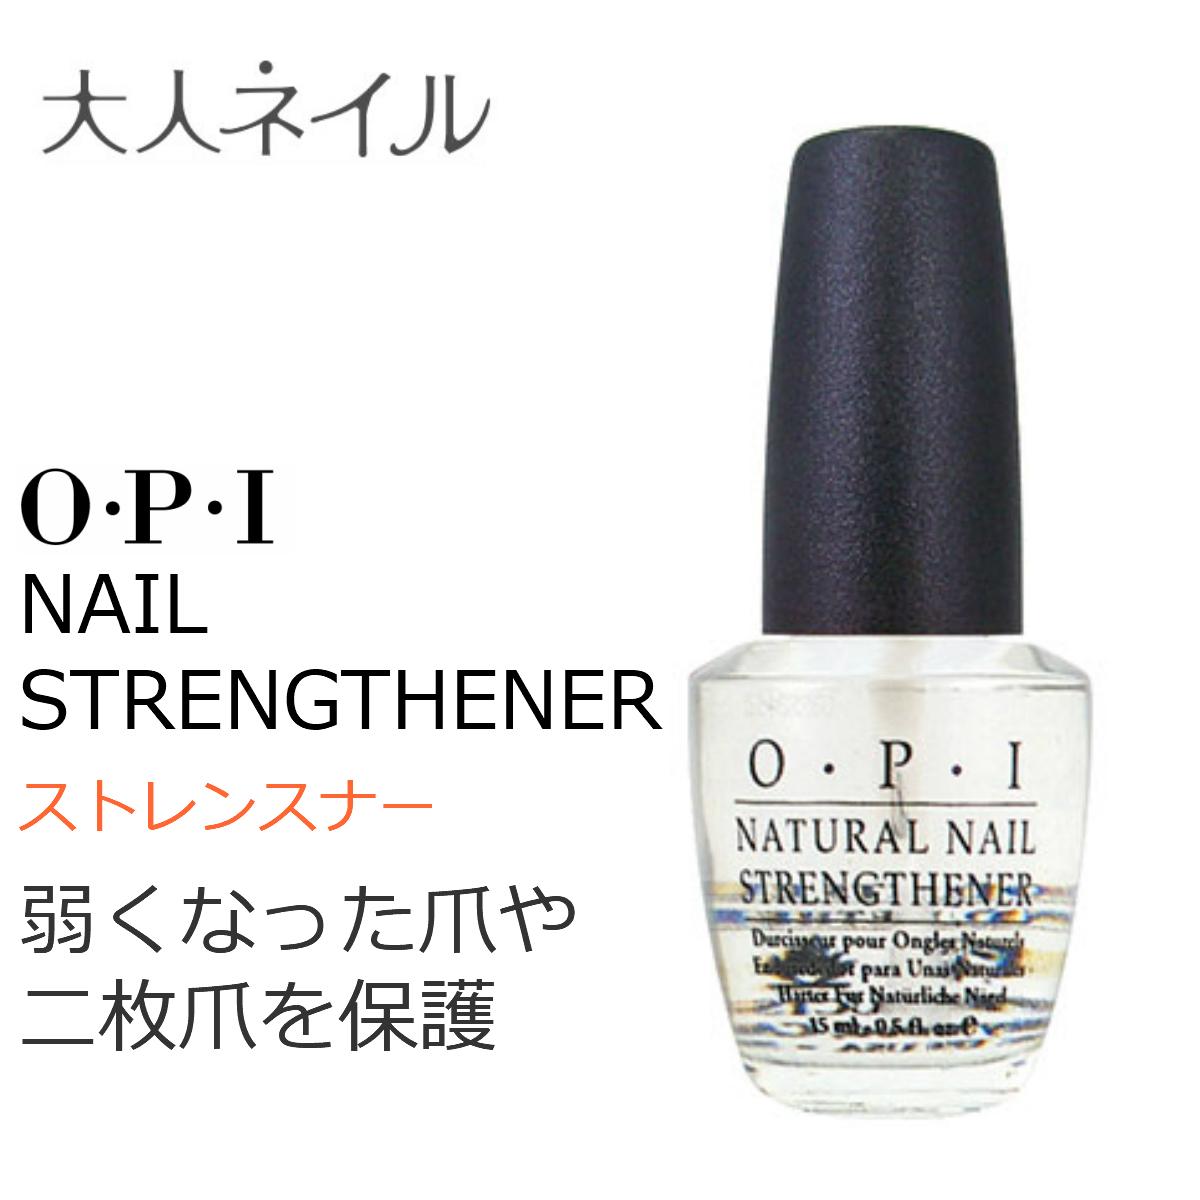 OPI オーピーアイ ナチュラルネイルストレンスナー 爪強化剤 15ml 補強 保護 ギター 硬く マニキュア ベースコート セルフネイル 男性にもおすすめ